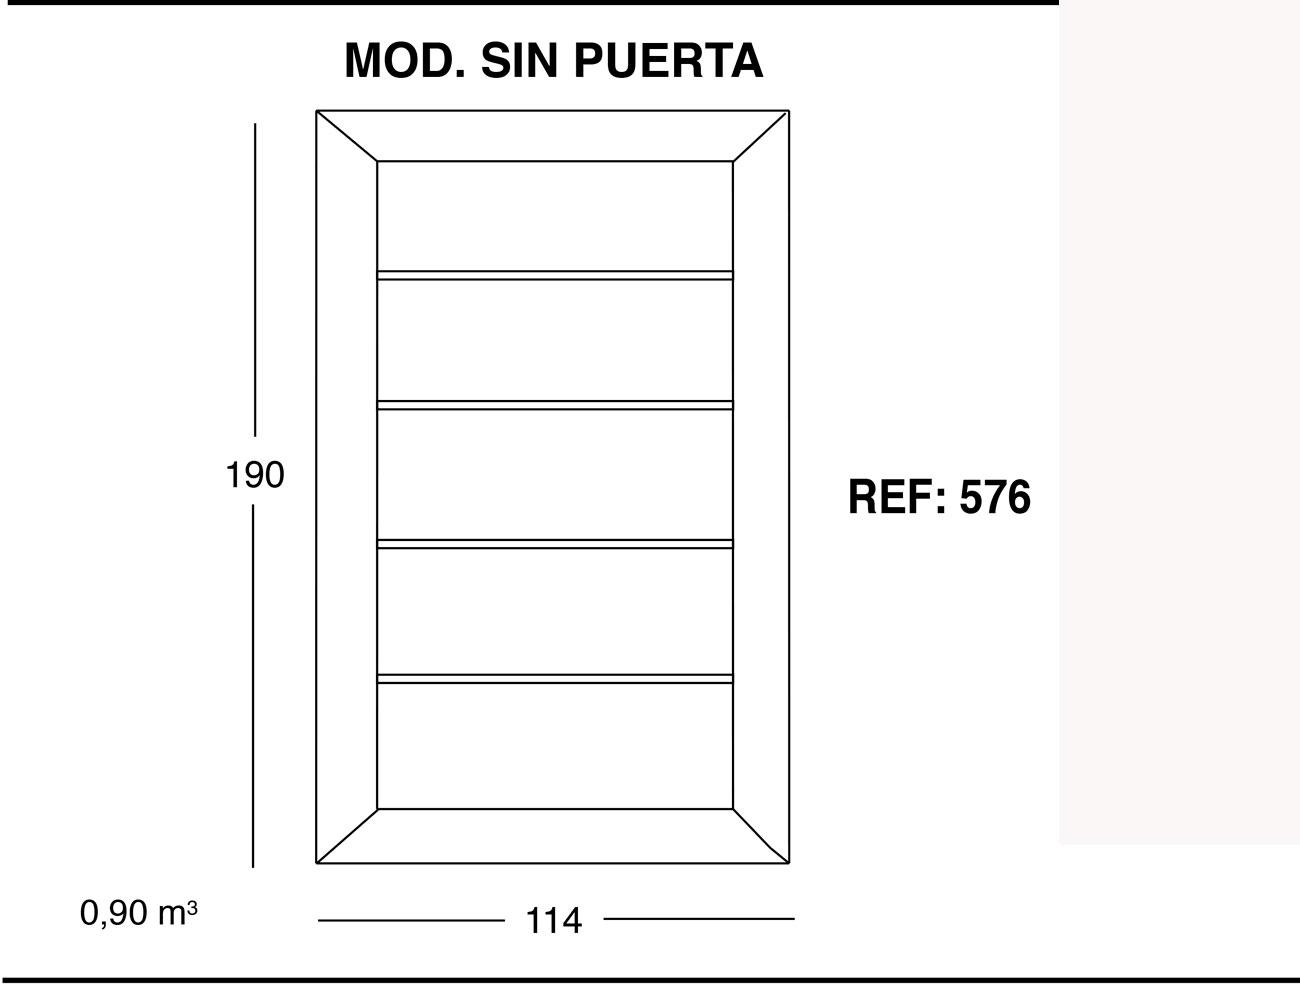 Modulo sin puerta 190 114